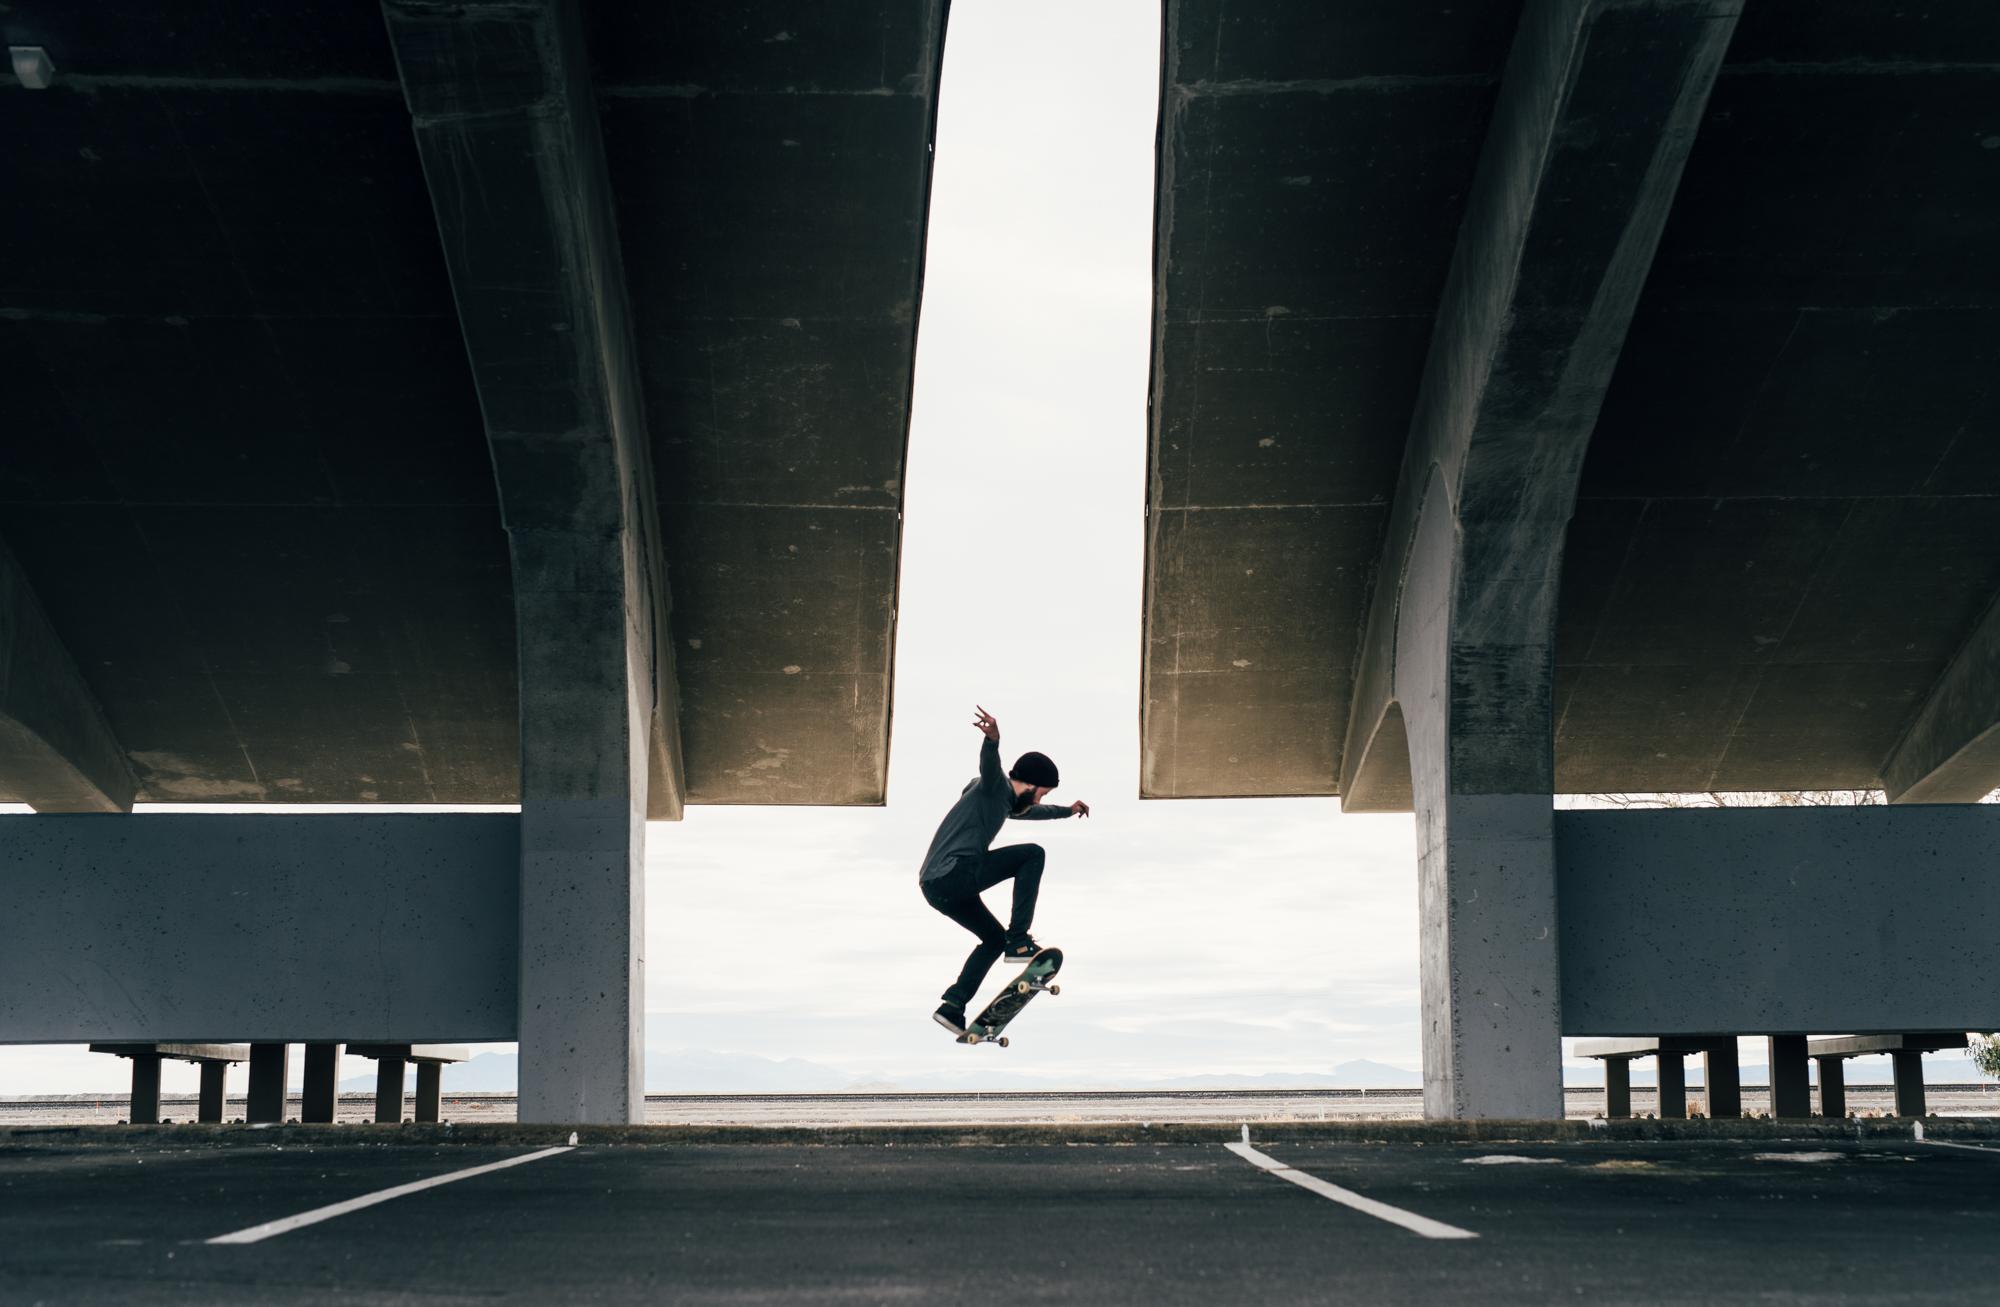 ©The Ryans Photography - Skate Break, Utah-010.jpg